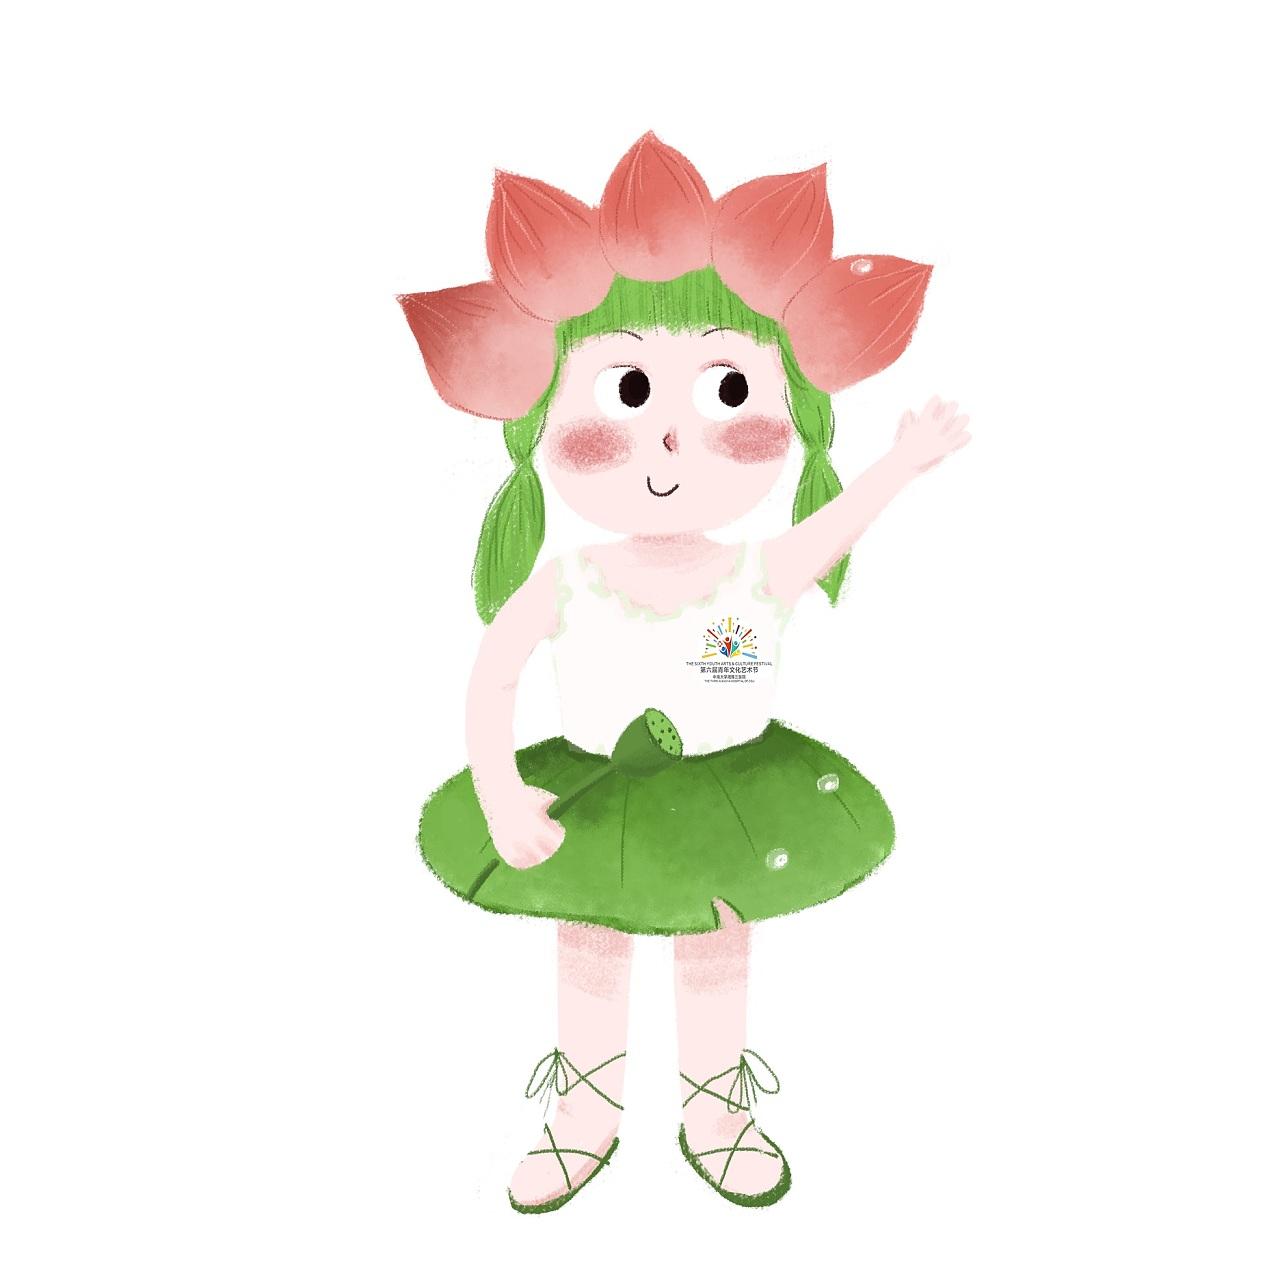 吉祥物设计|插画|商业插画|饭饭茄子 - 原创作品图片